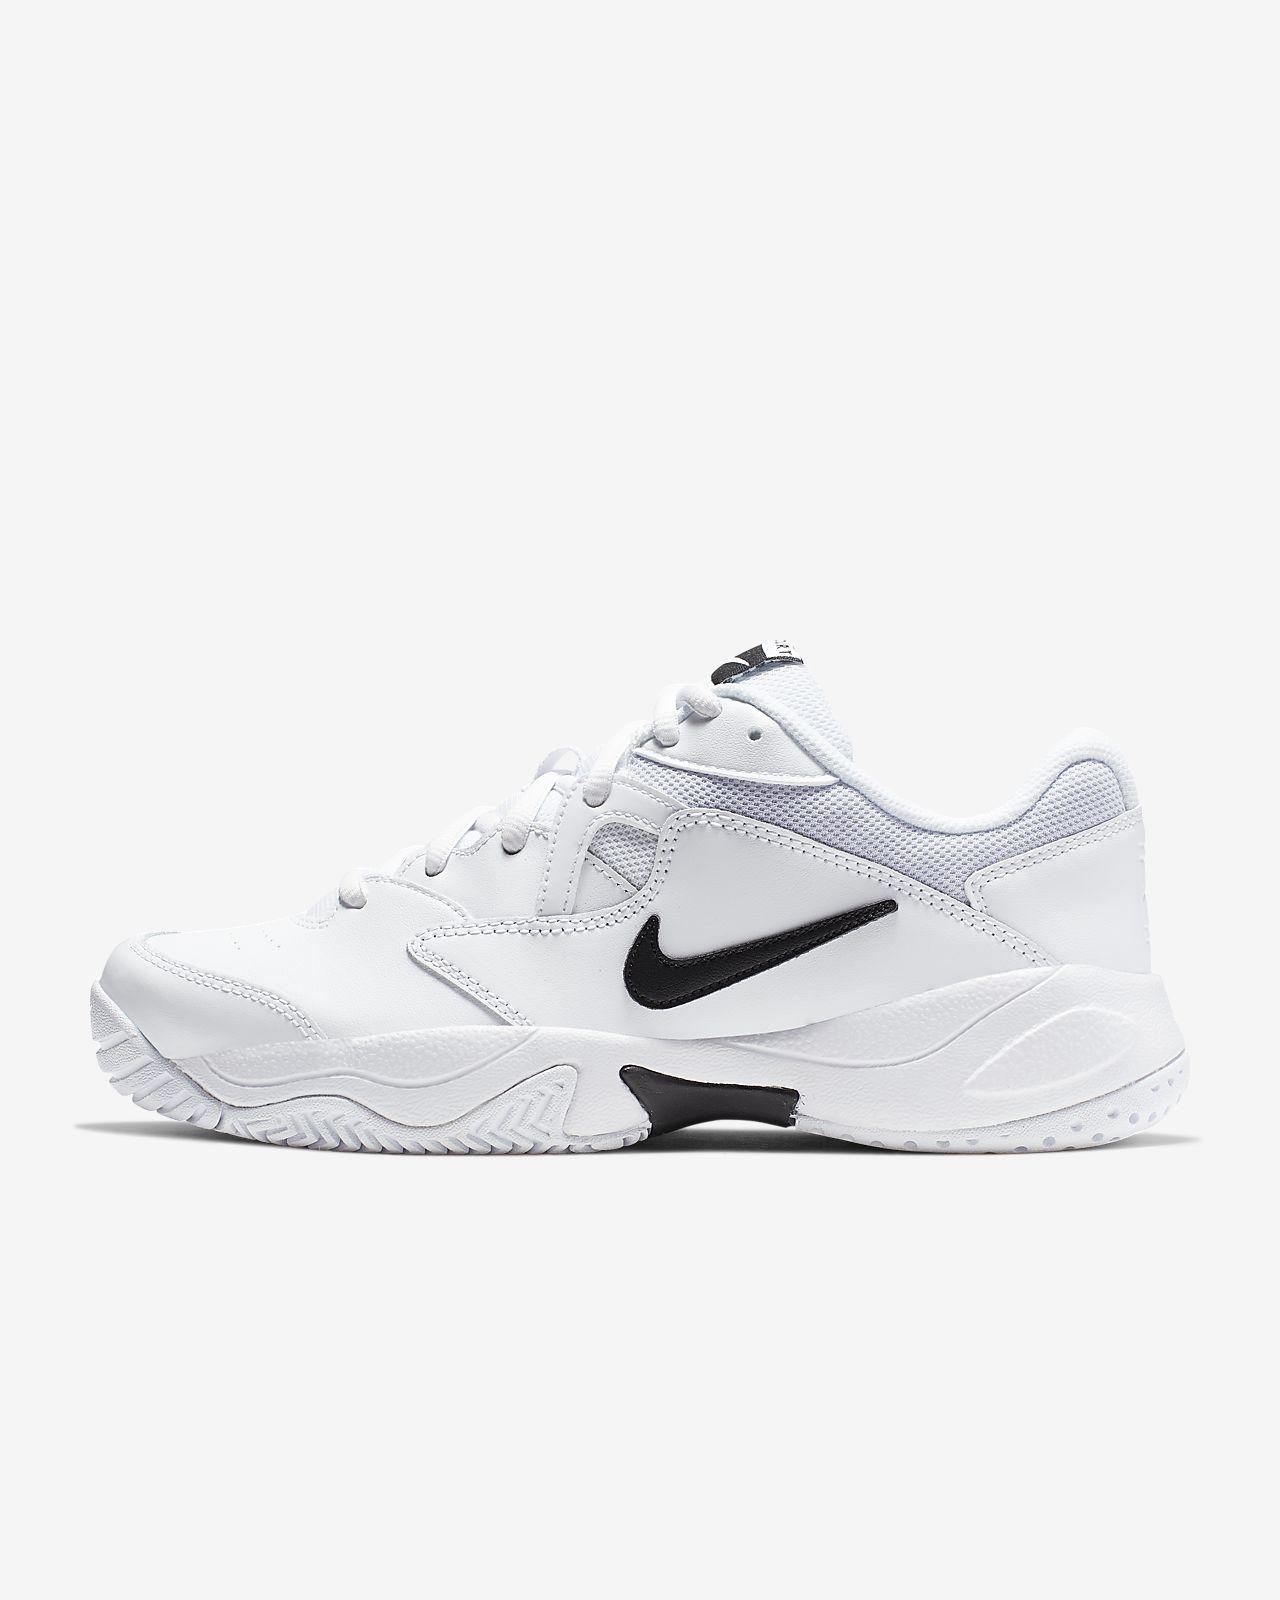 new concept e98ba 2a7dd ... NikeCourt Lite 2 Women s Hard Court Tennis Shoe